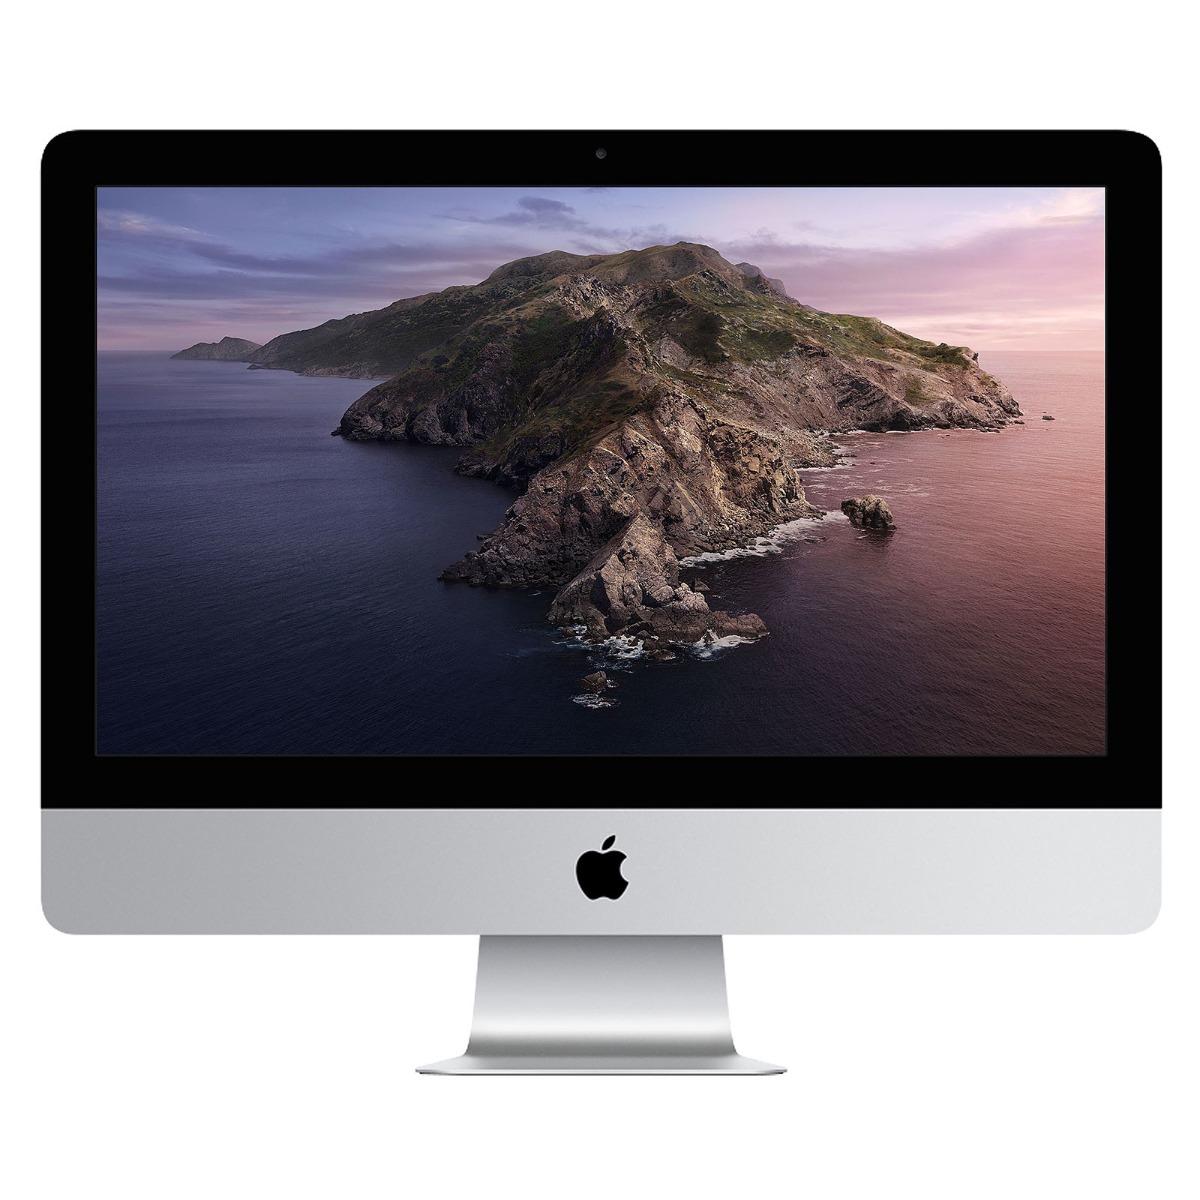 iMac /Intel Core i5 /Dual-Core /2.3 Ghz /7th-Generation /256 Go /Silver /21.5